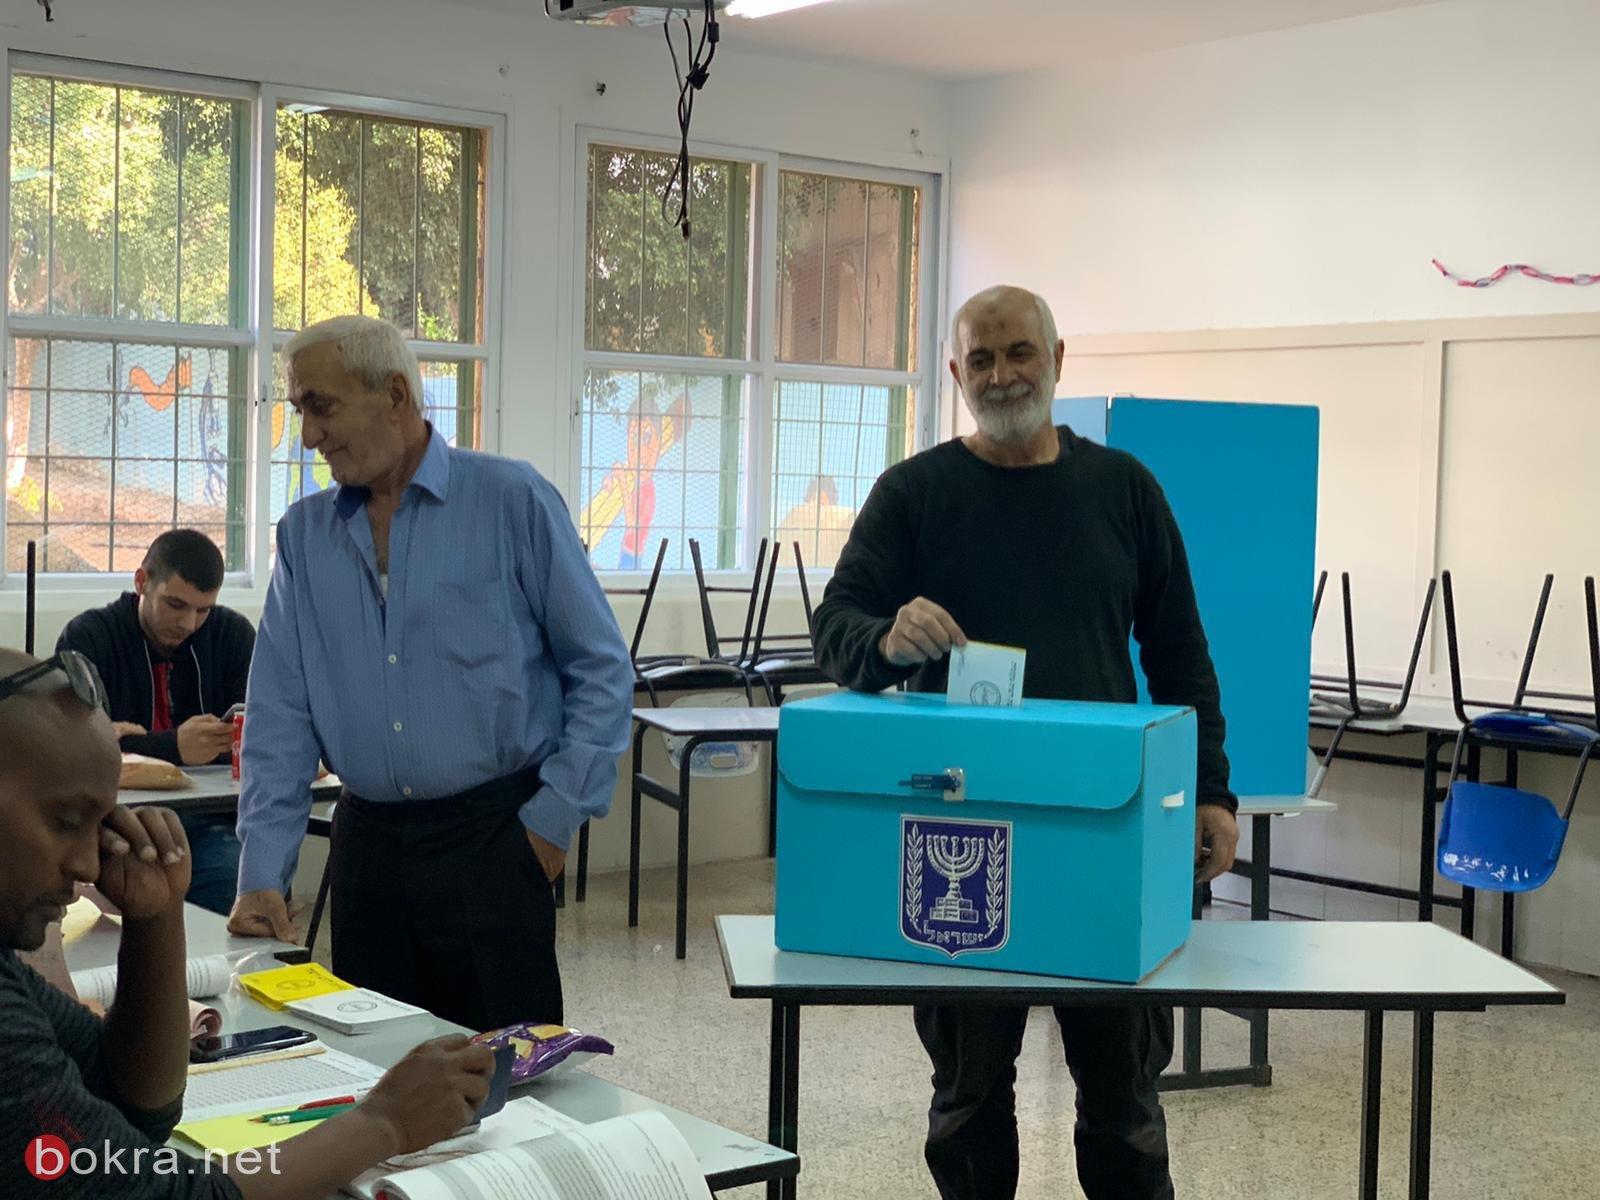 الانتخابات جارية في الطيبة، باقة وجت .. نسب التصويت منخفضة رغم شدة المنافسة